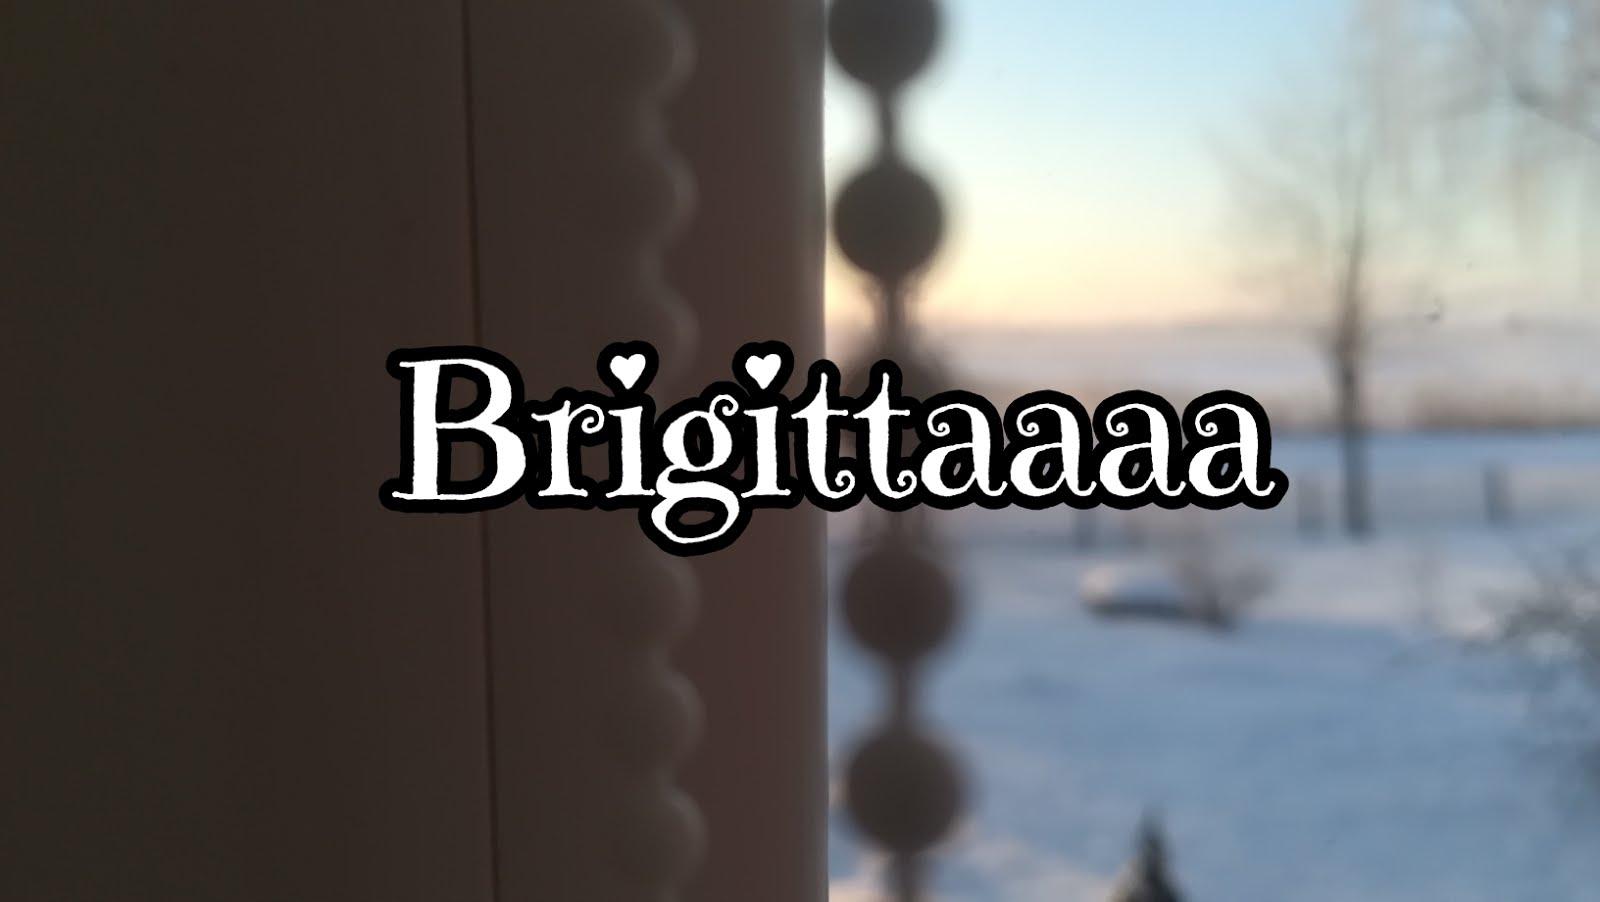 Brigittaaa